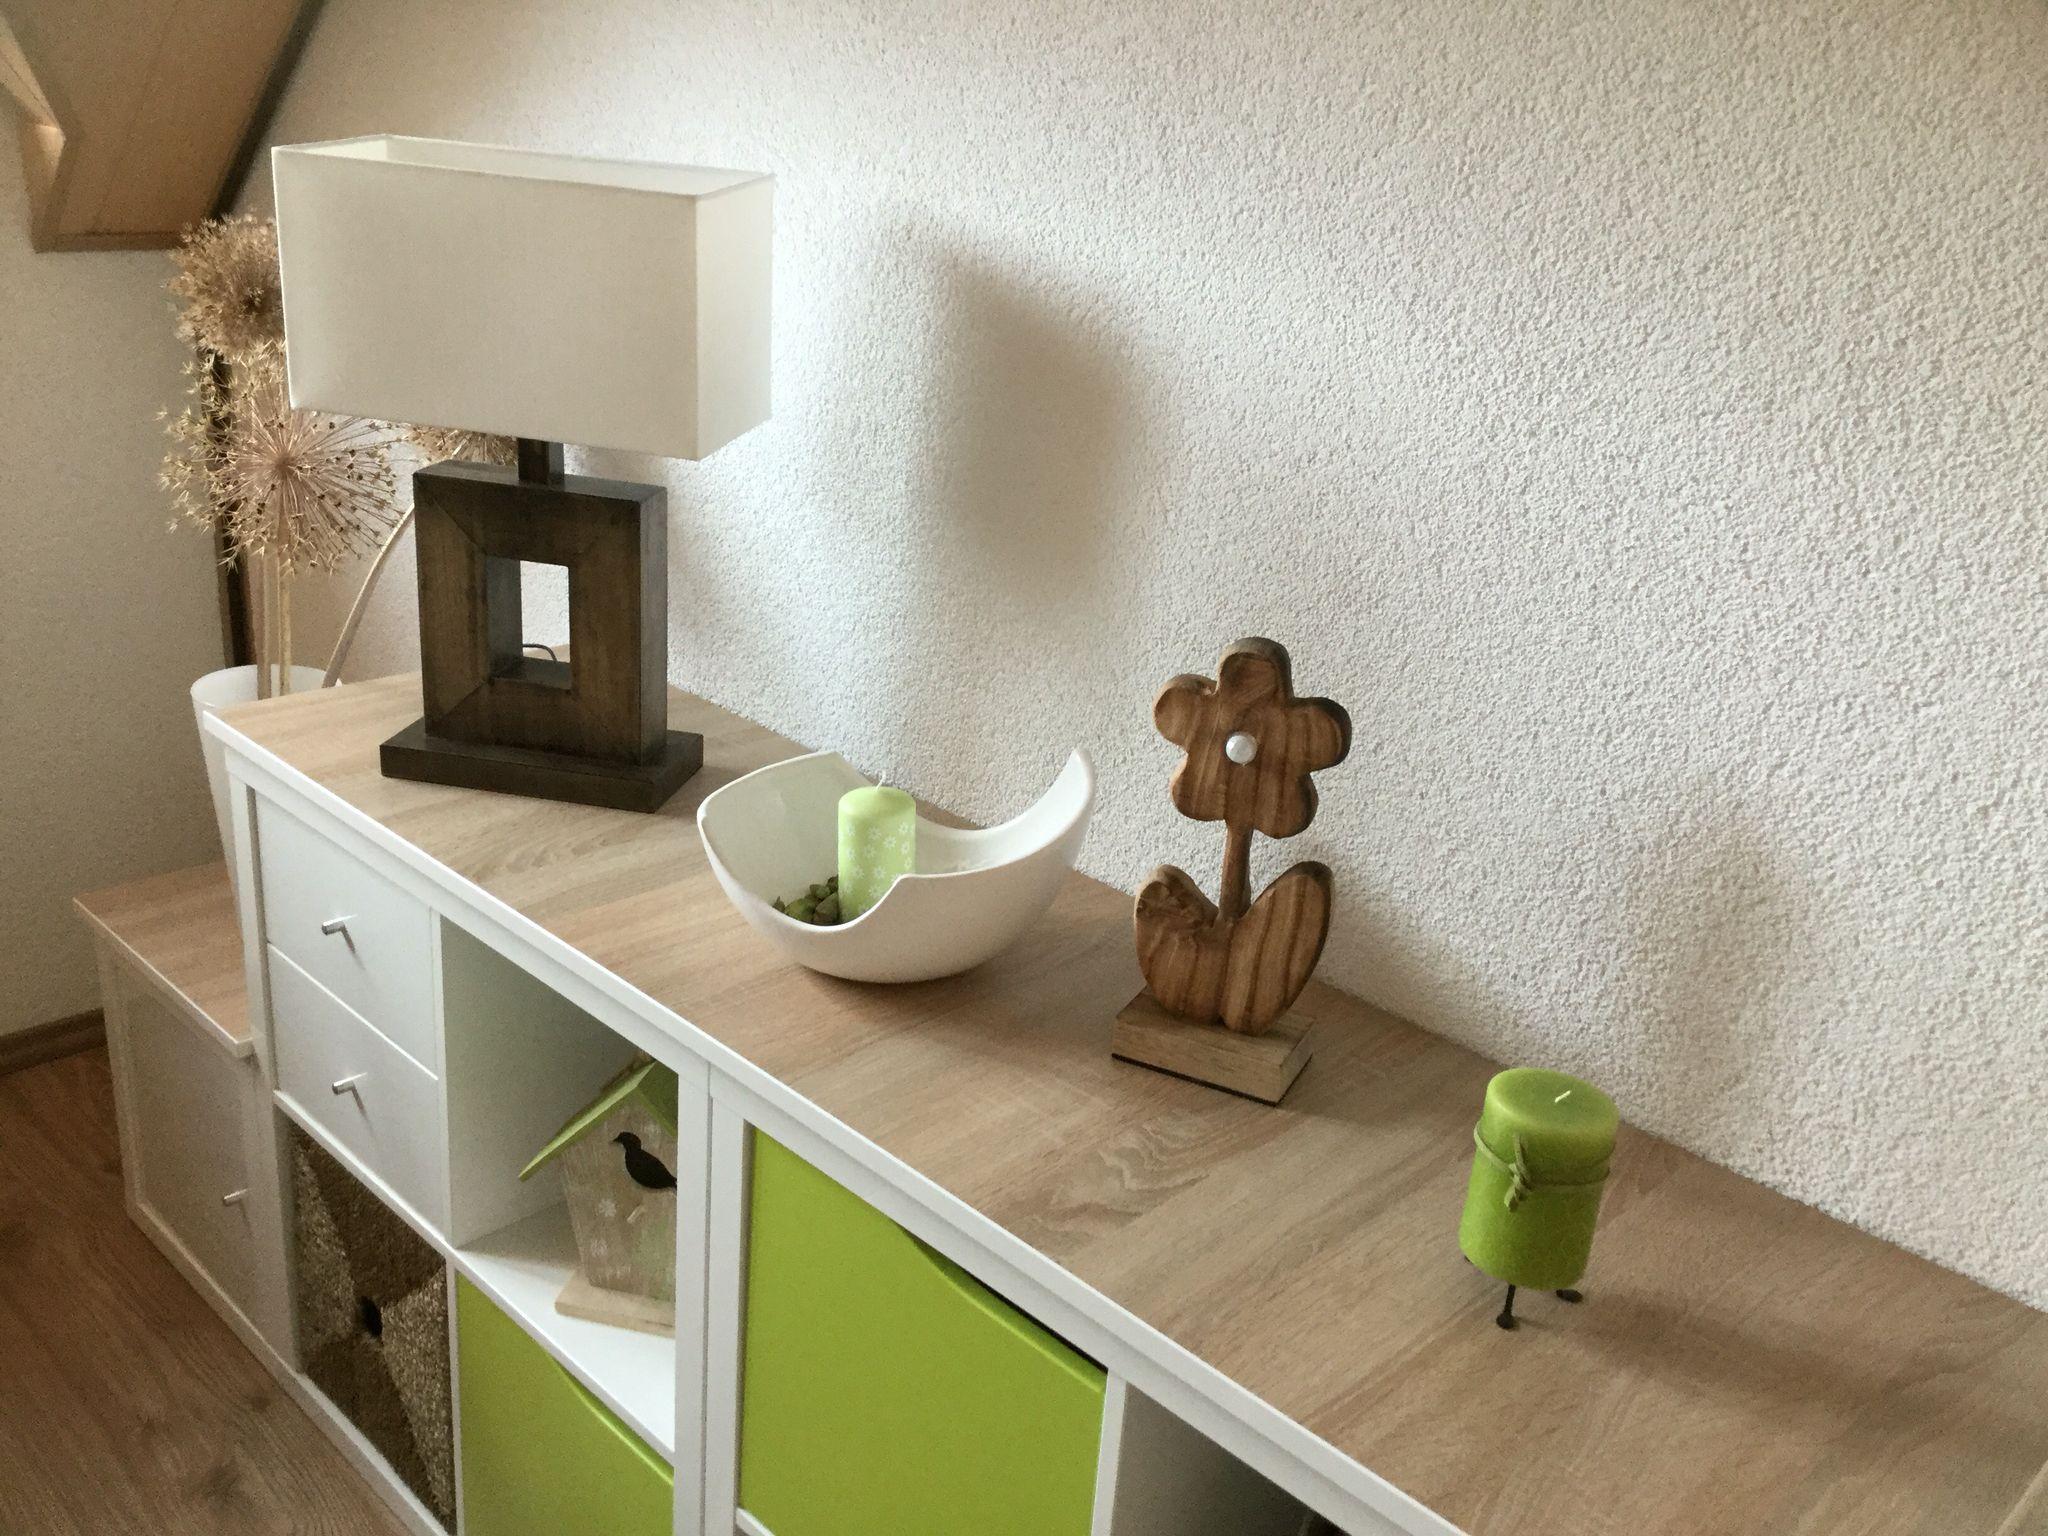 ikea wohnzimmer gewinnspiel : Ikea Kallax Und Dann Einfach Eine Angefertigte Holzplatte Auflegen